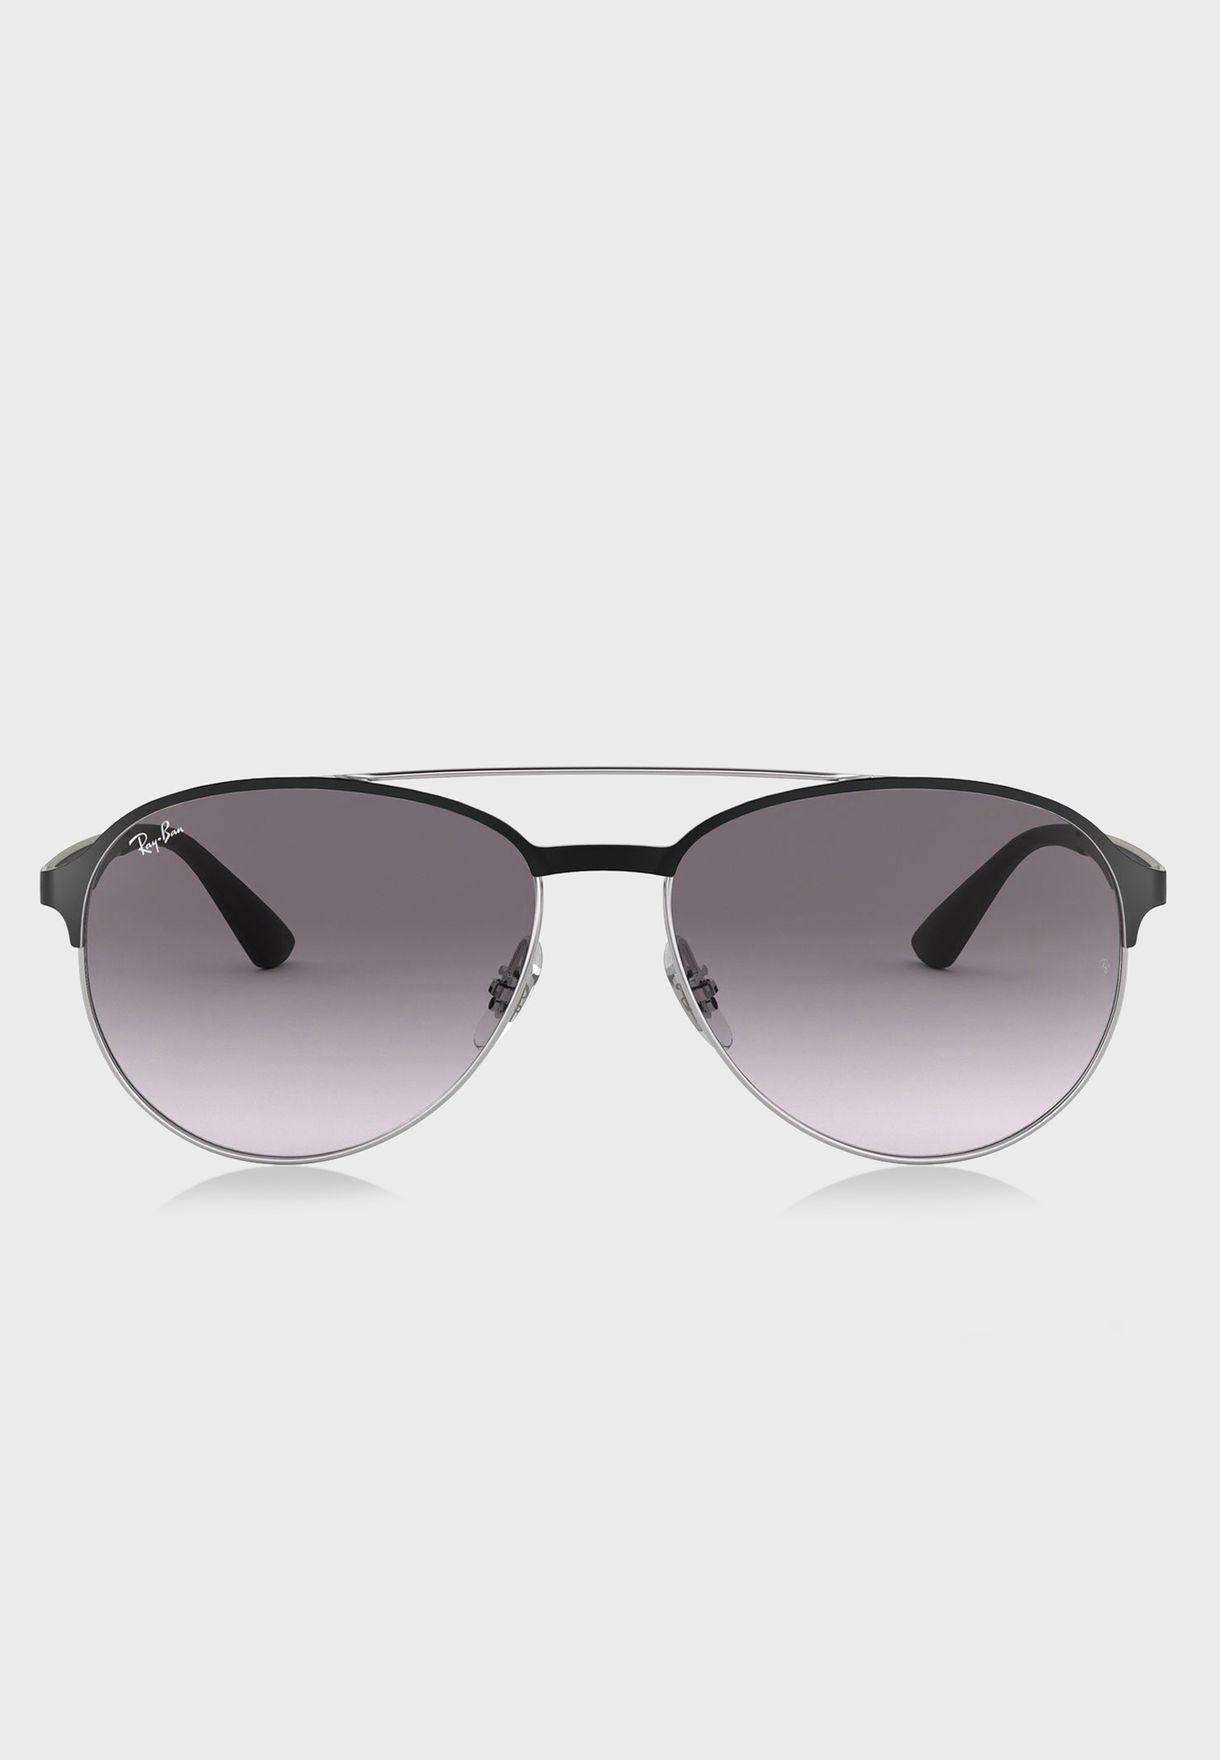 0RB3606  Bridge Sunglasses